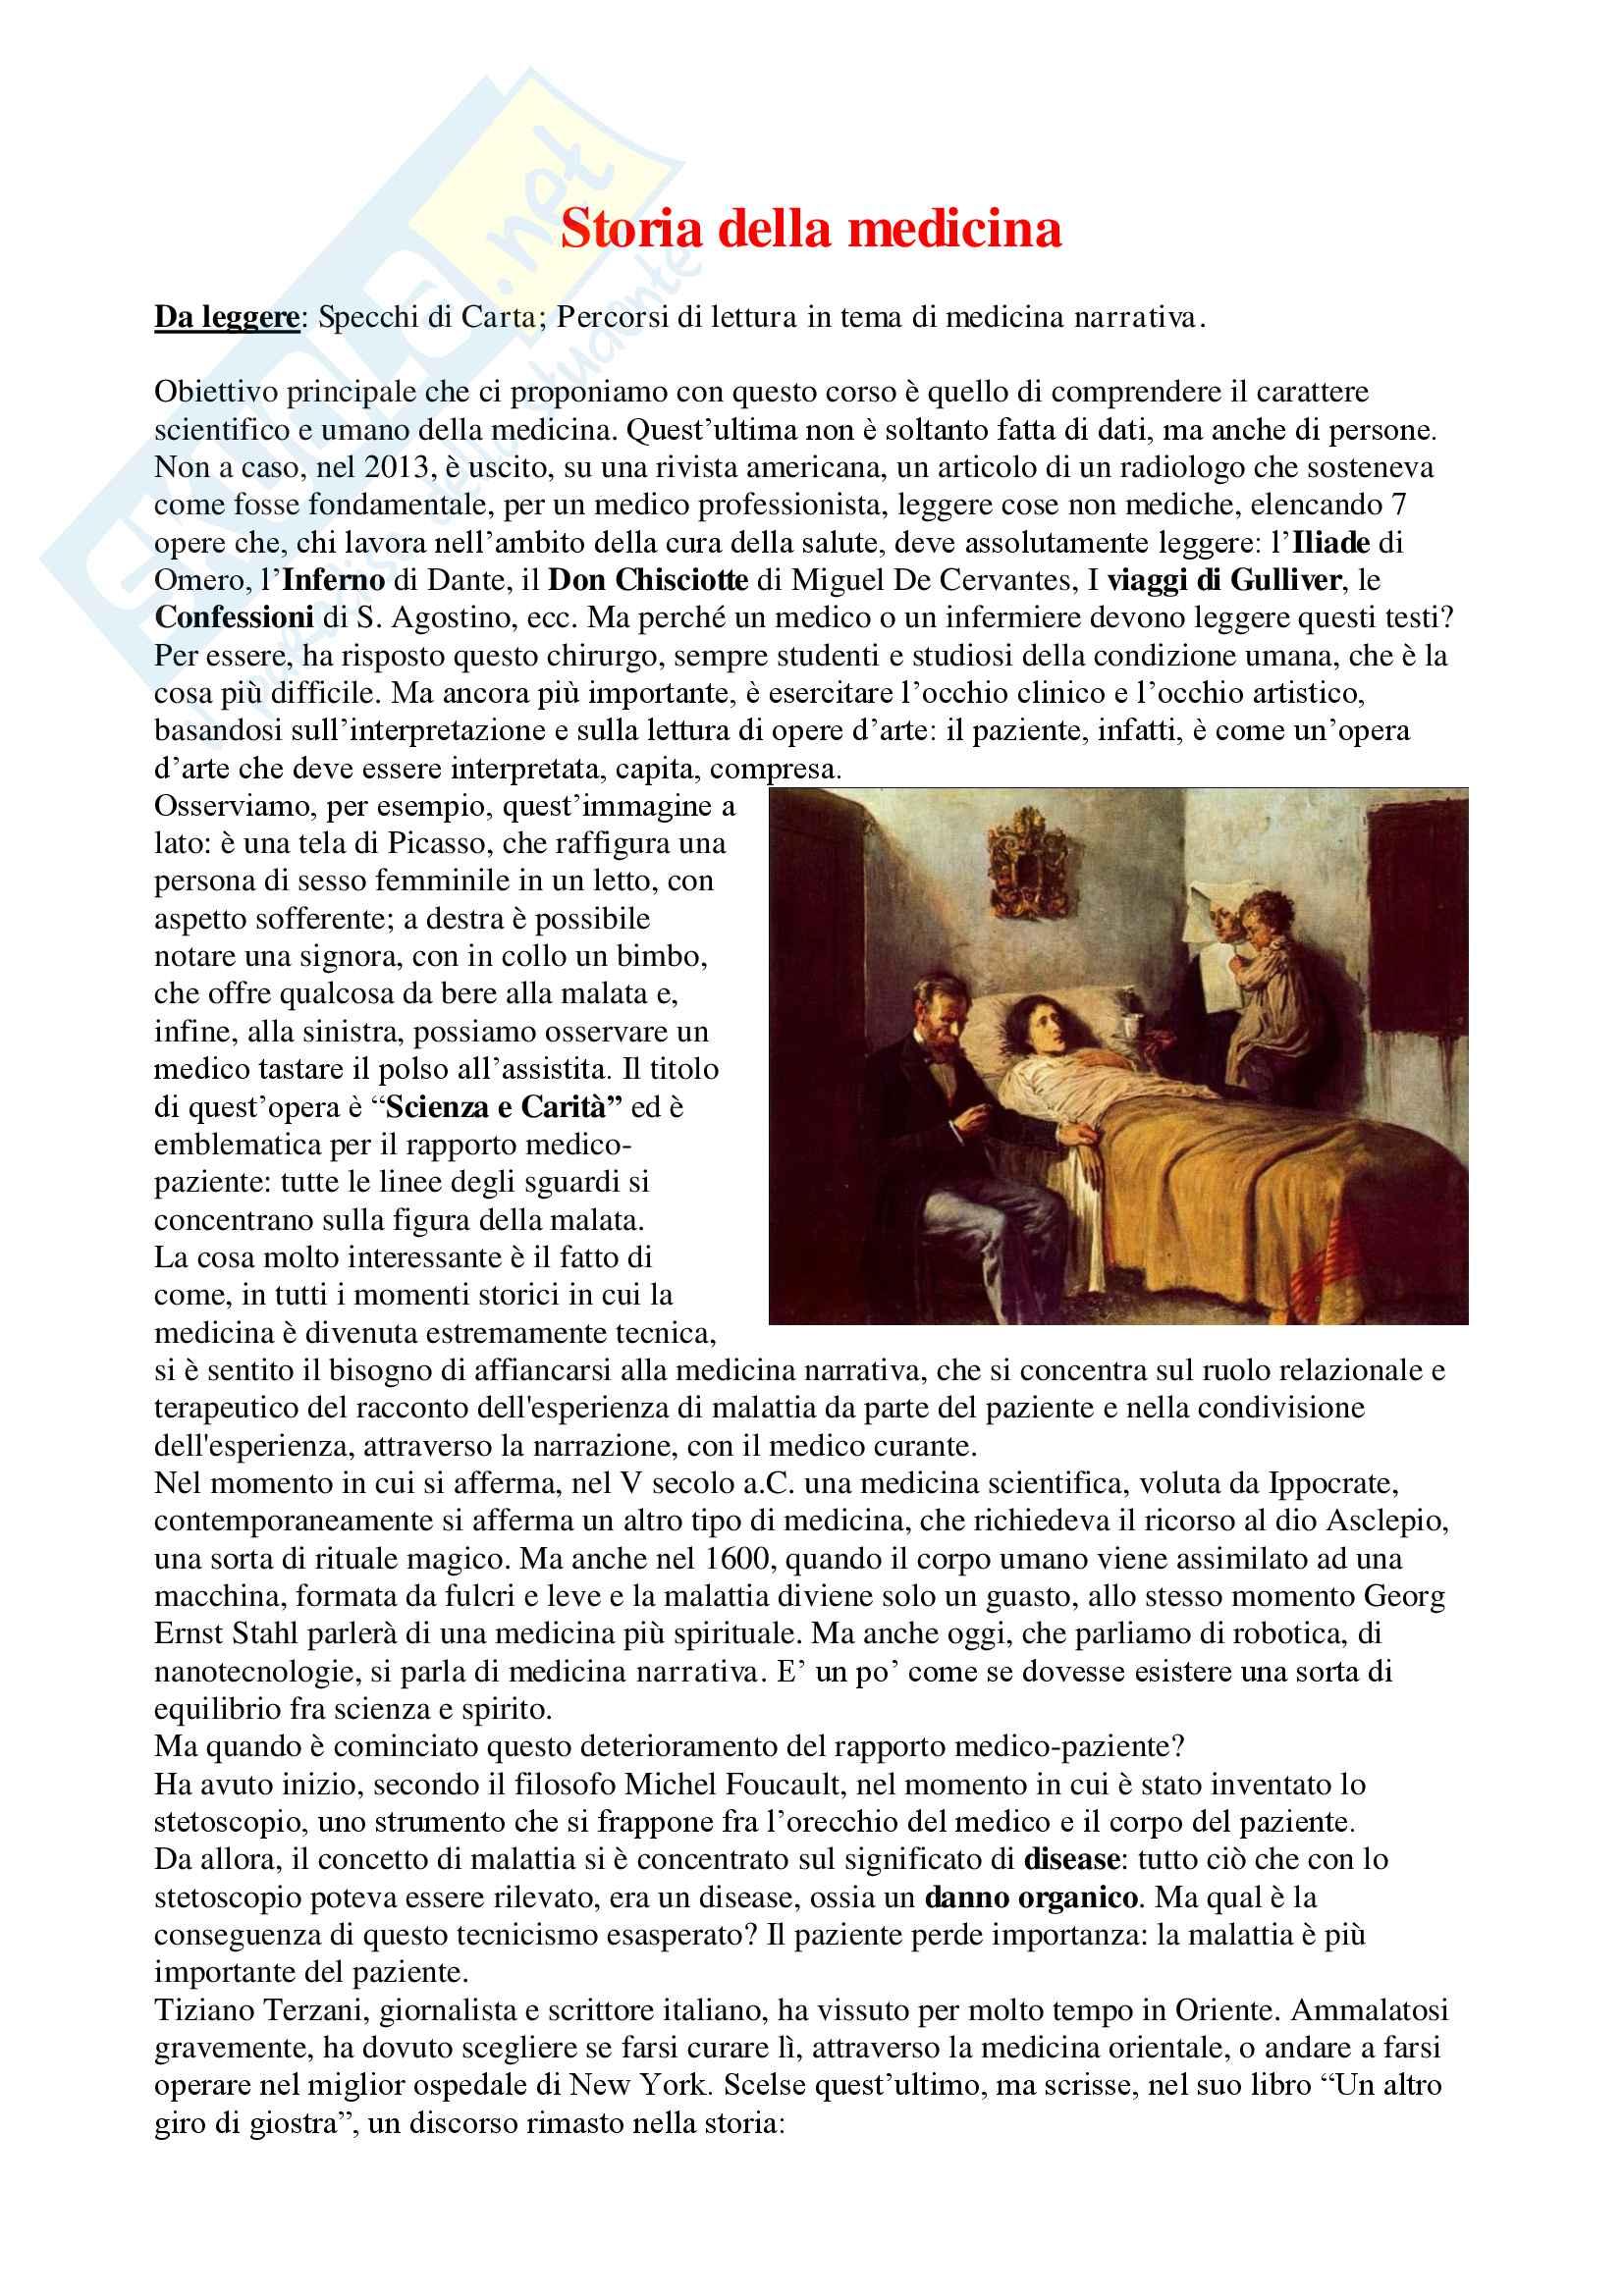 Storia Della Medicina - Appunti Completi